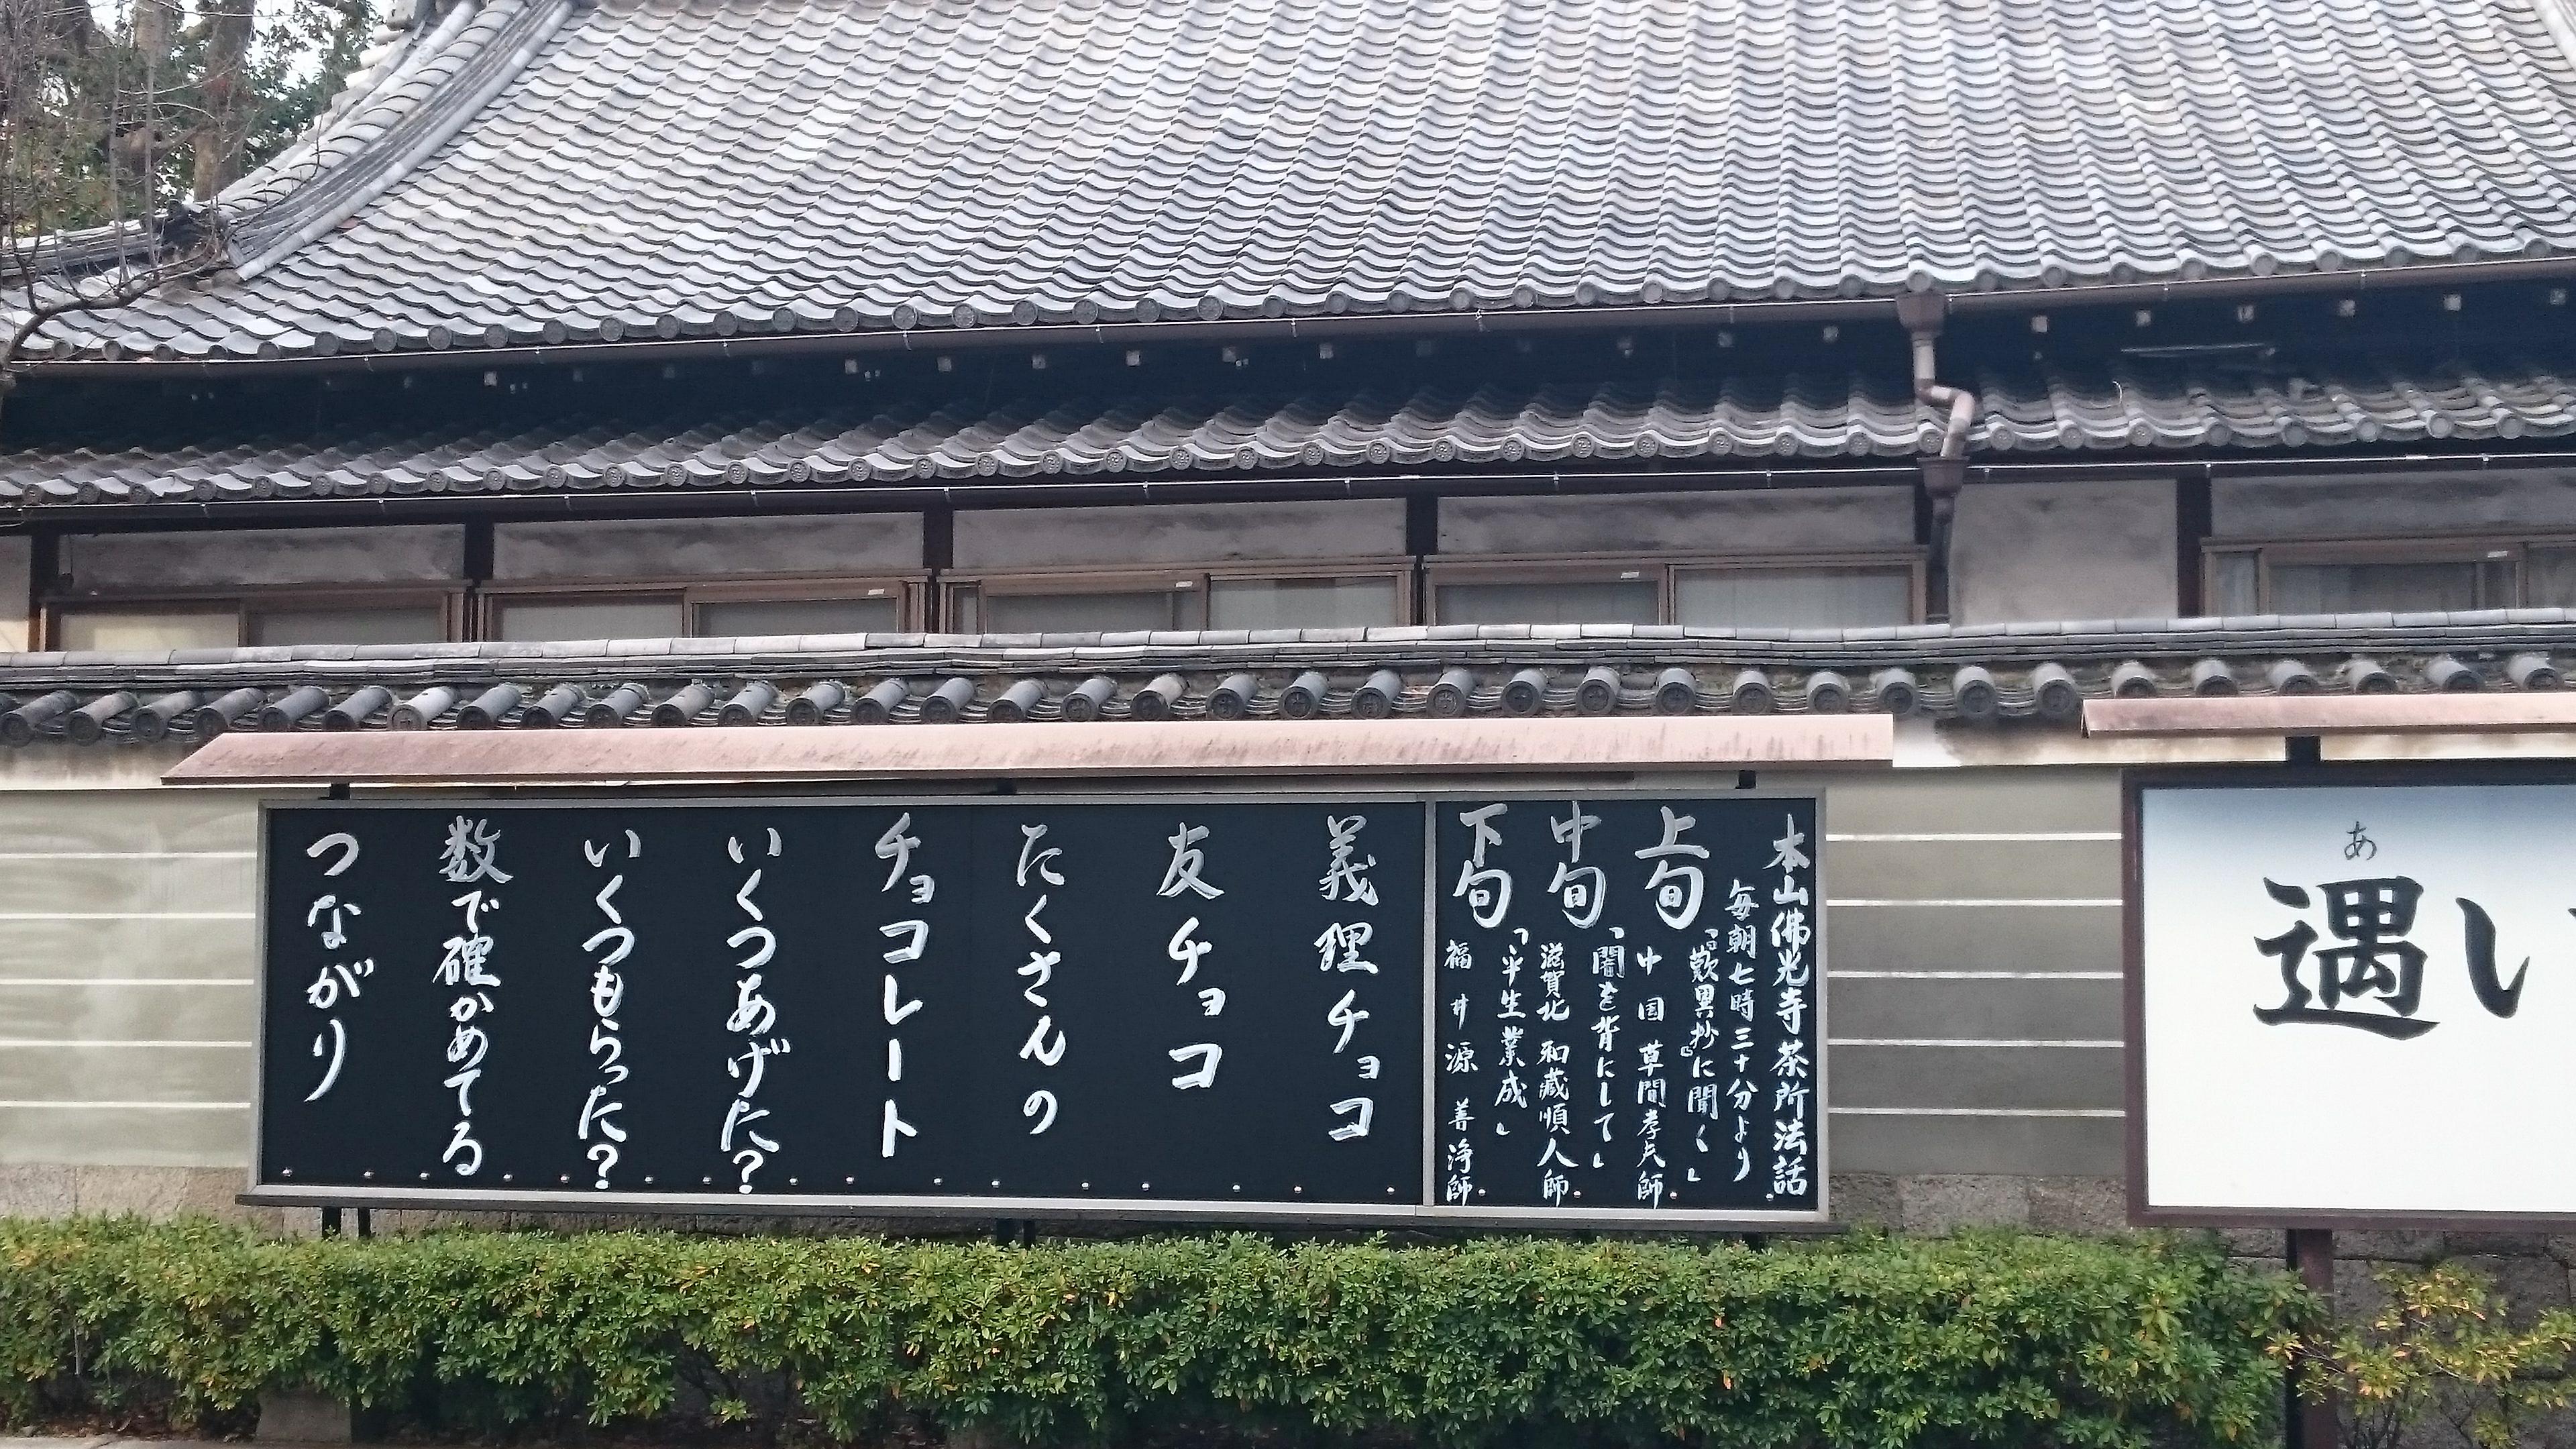 本山仏光寺 今月の標語(2月)